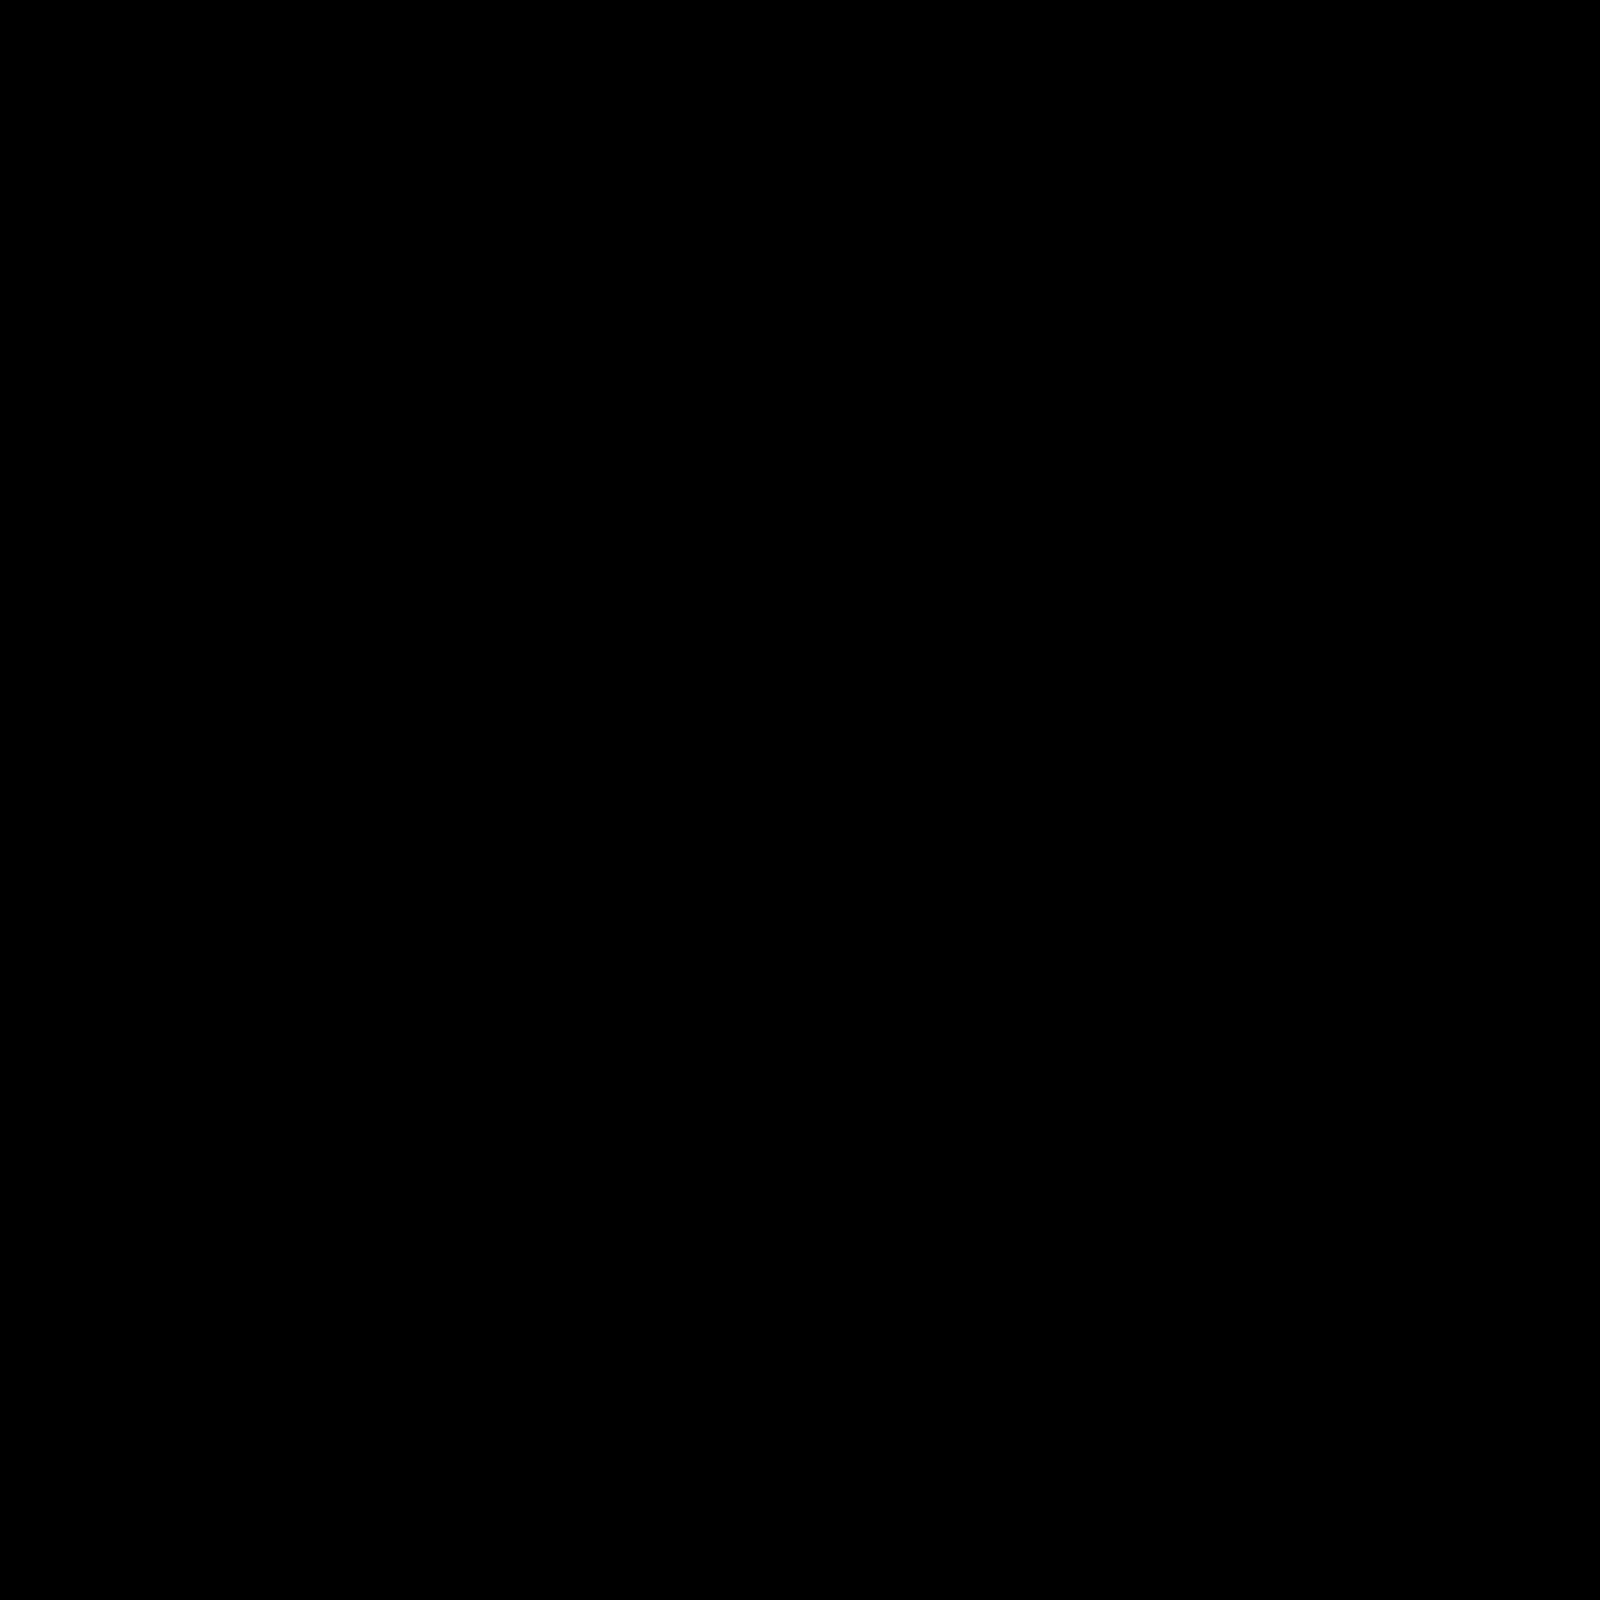 Przypisanie wsadowe icon